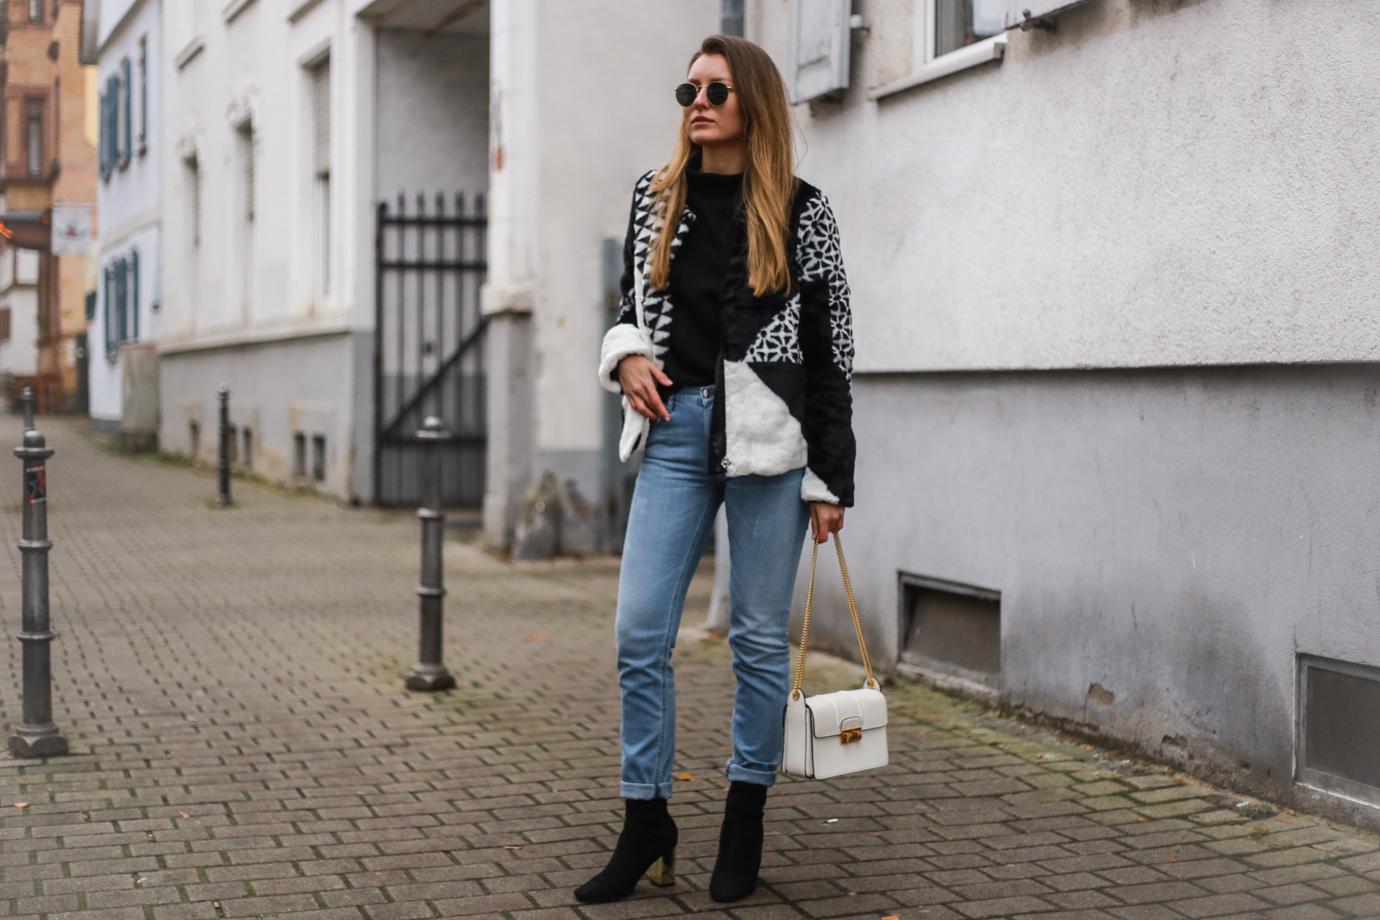 desigual-faux-fur-coat-outfit-7887